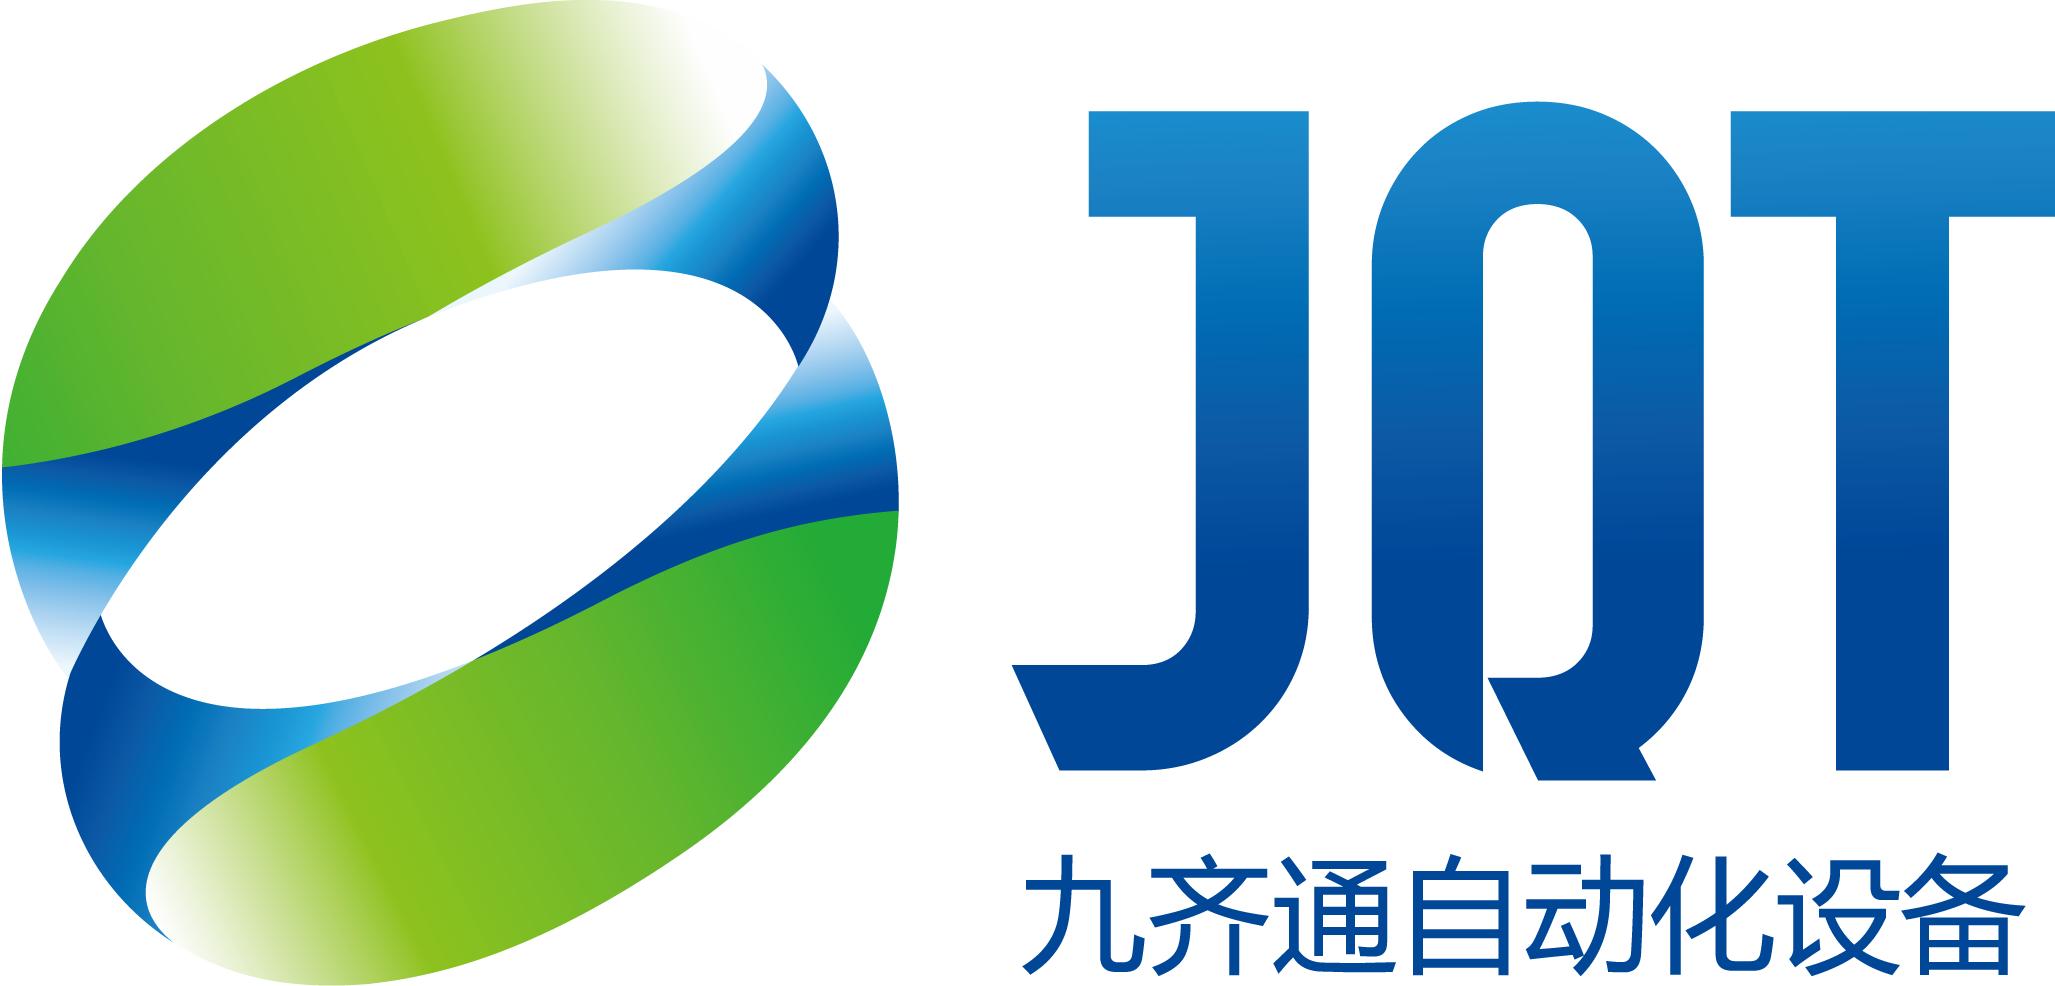 苏州九齐通自动化设备有限公司